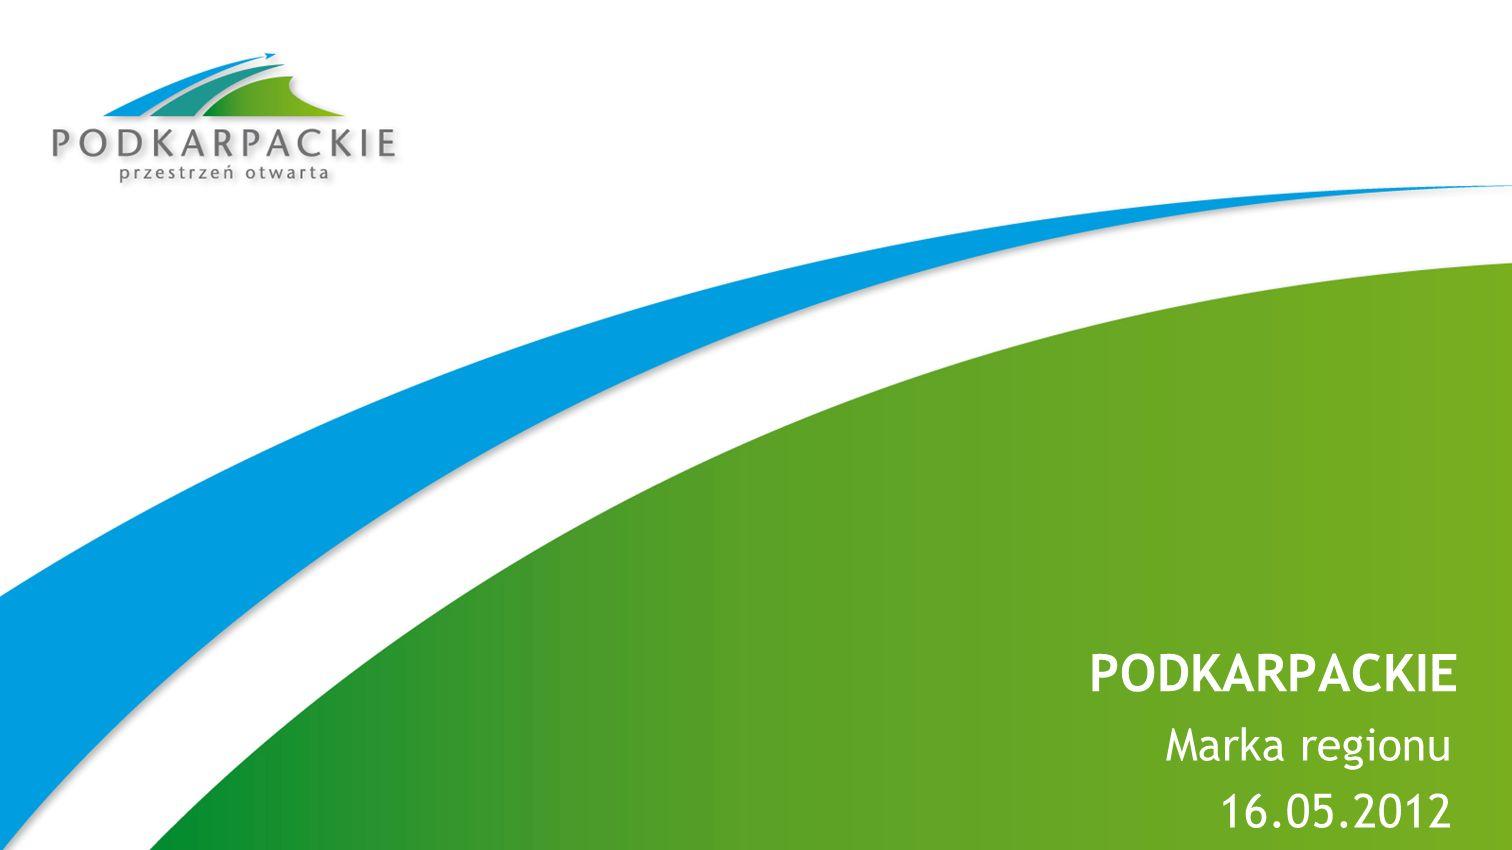 Rozwiązanie: (Re)Pozycjonowanie Polskie centrum lotnictwa Korzystna pozycja w stosunku do konkurencji Unikatowe na skalę Polski Atrakcyjne dla inwestorów Rozwiązuje wizerunkowe problemy regionu Prawdziwe, nowoczesne i atrakcyjne